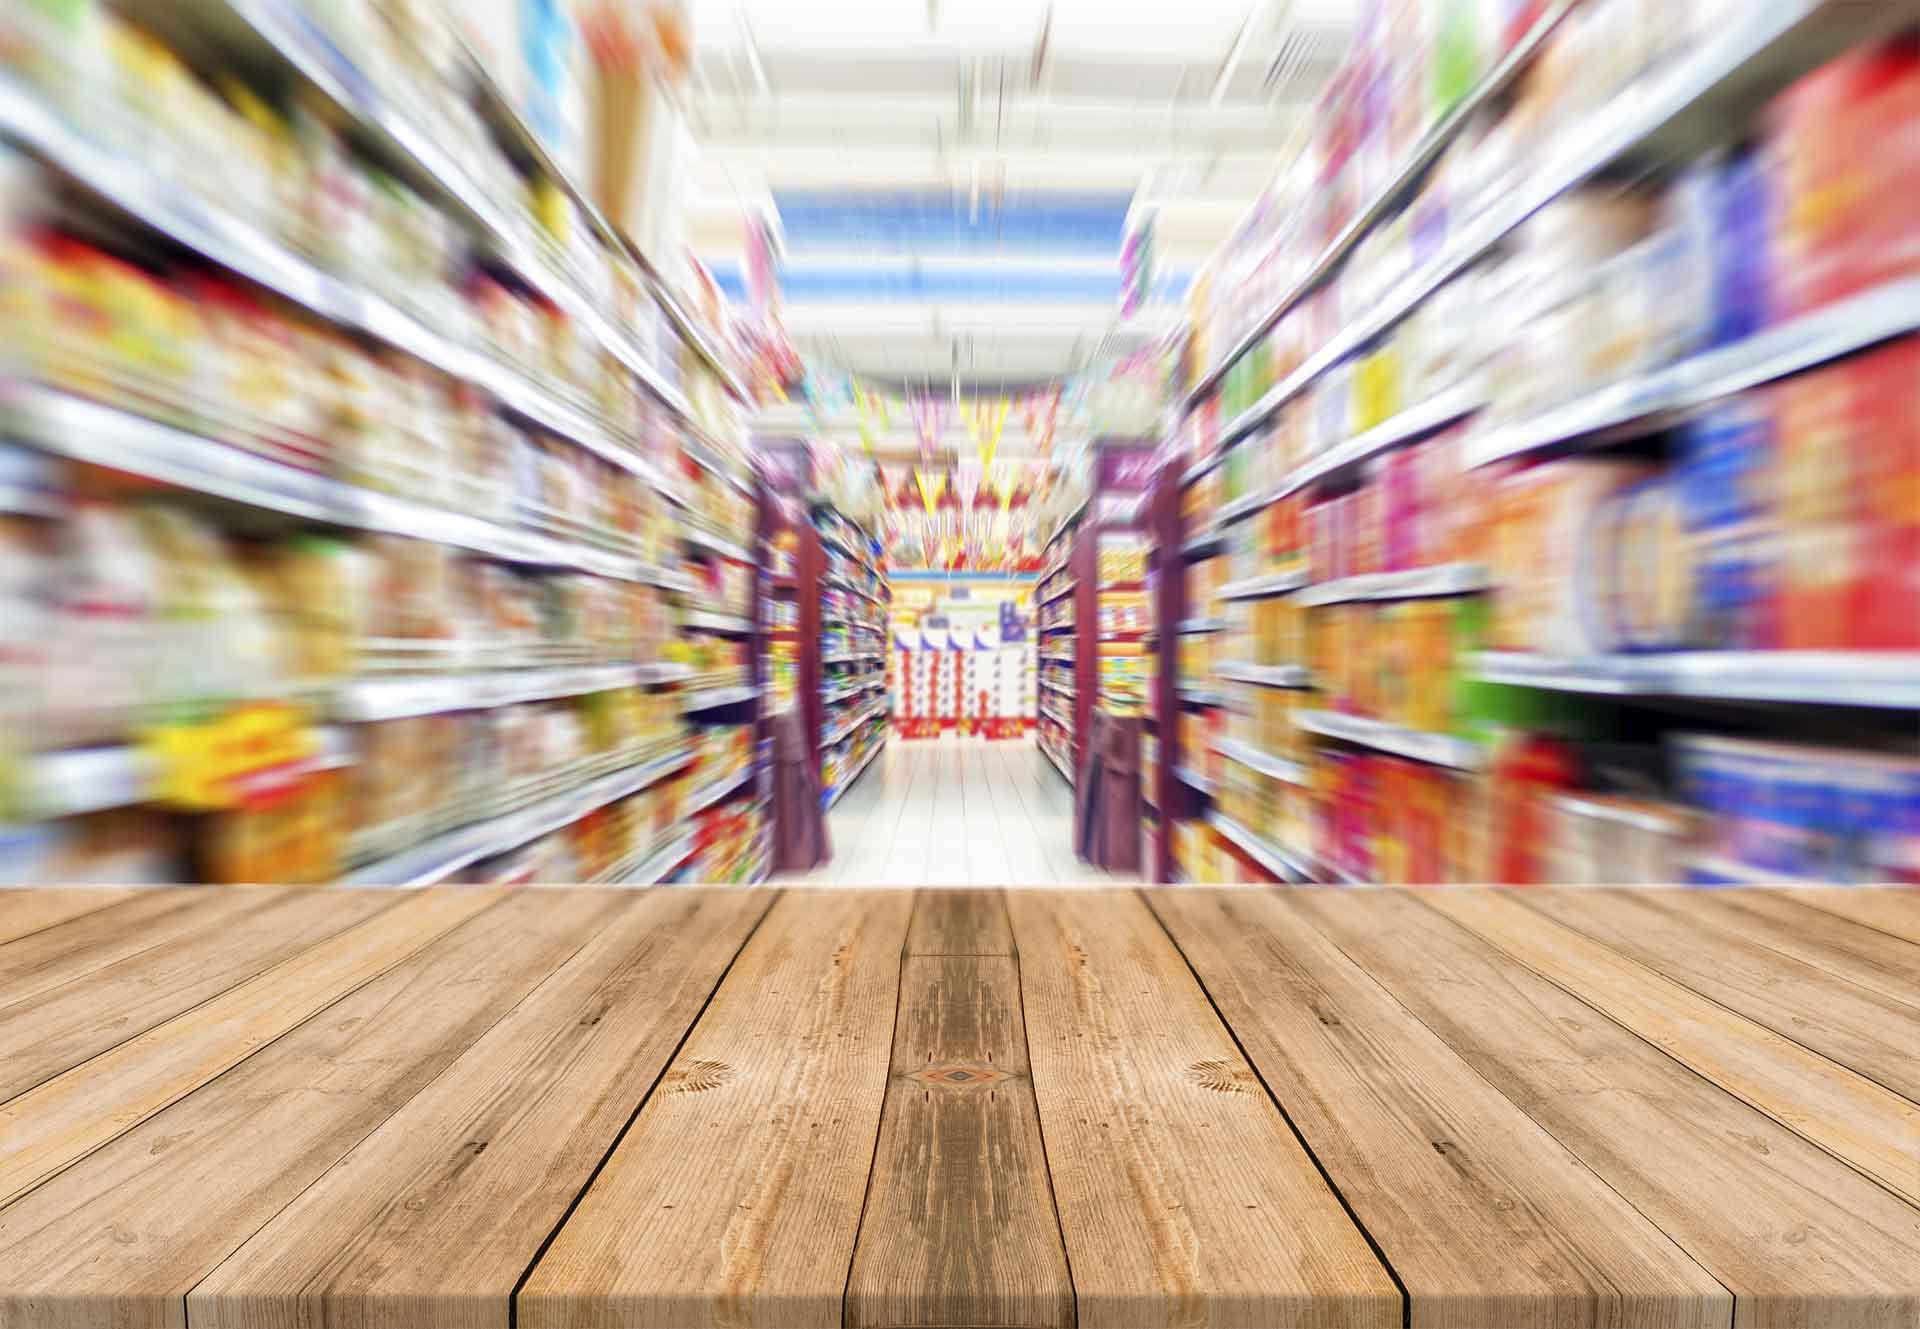 Fundo de super mercado | Etiquetas para Productos